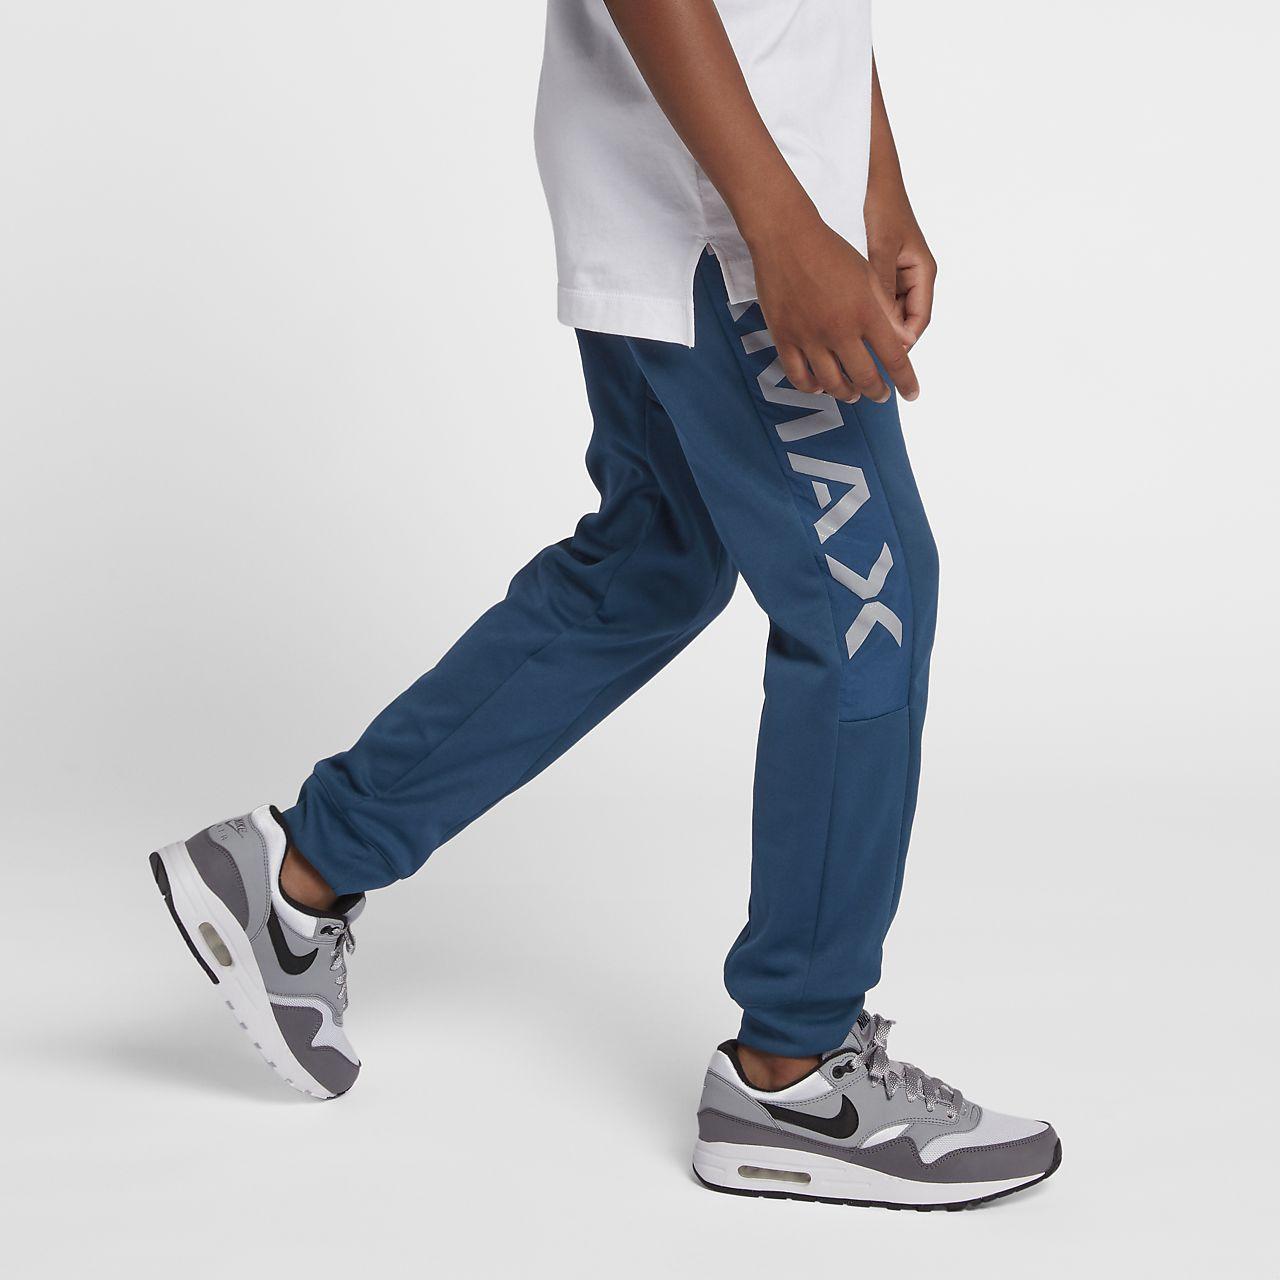 b165a1f76 Spodnie dla dużych dzieci (chłopców) Nike Air Max. Nike.com PL